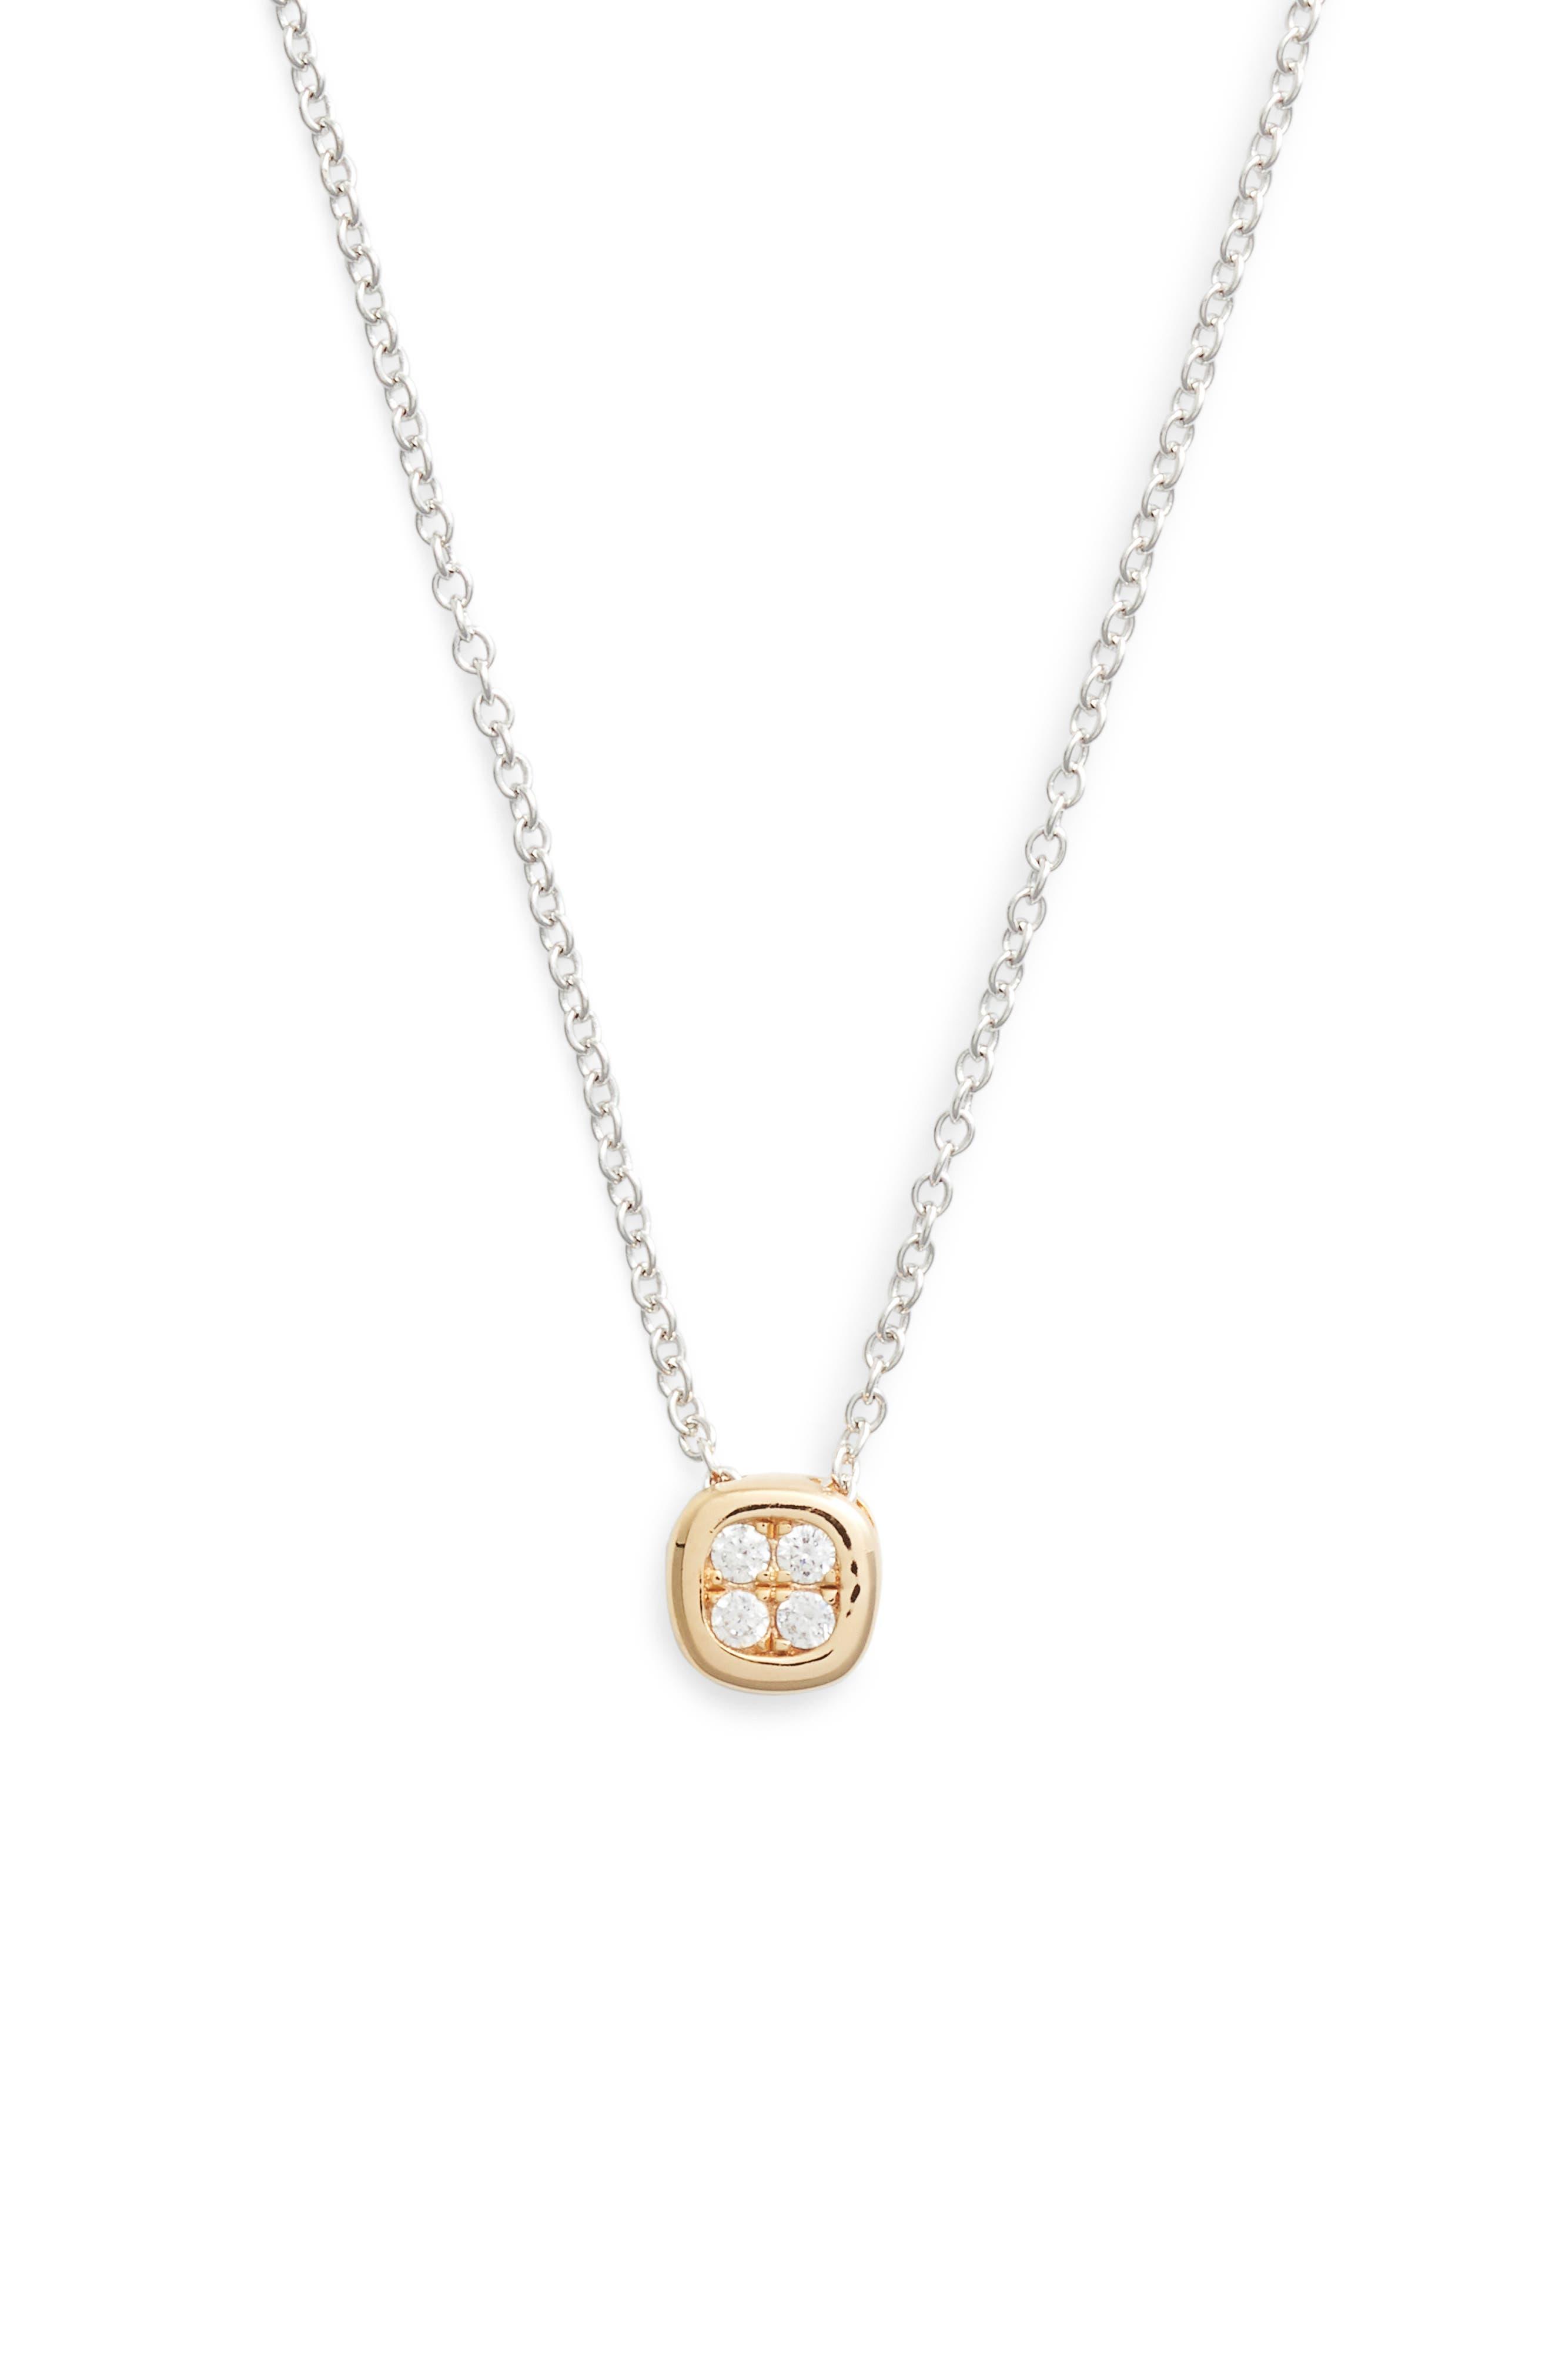 Pavé Pendant Necklace,                         Main,                         color, Silver/ Gold/ Clear